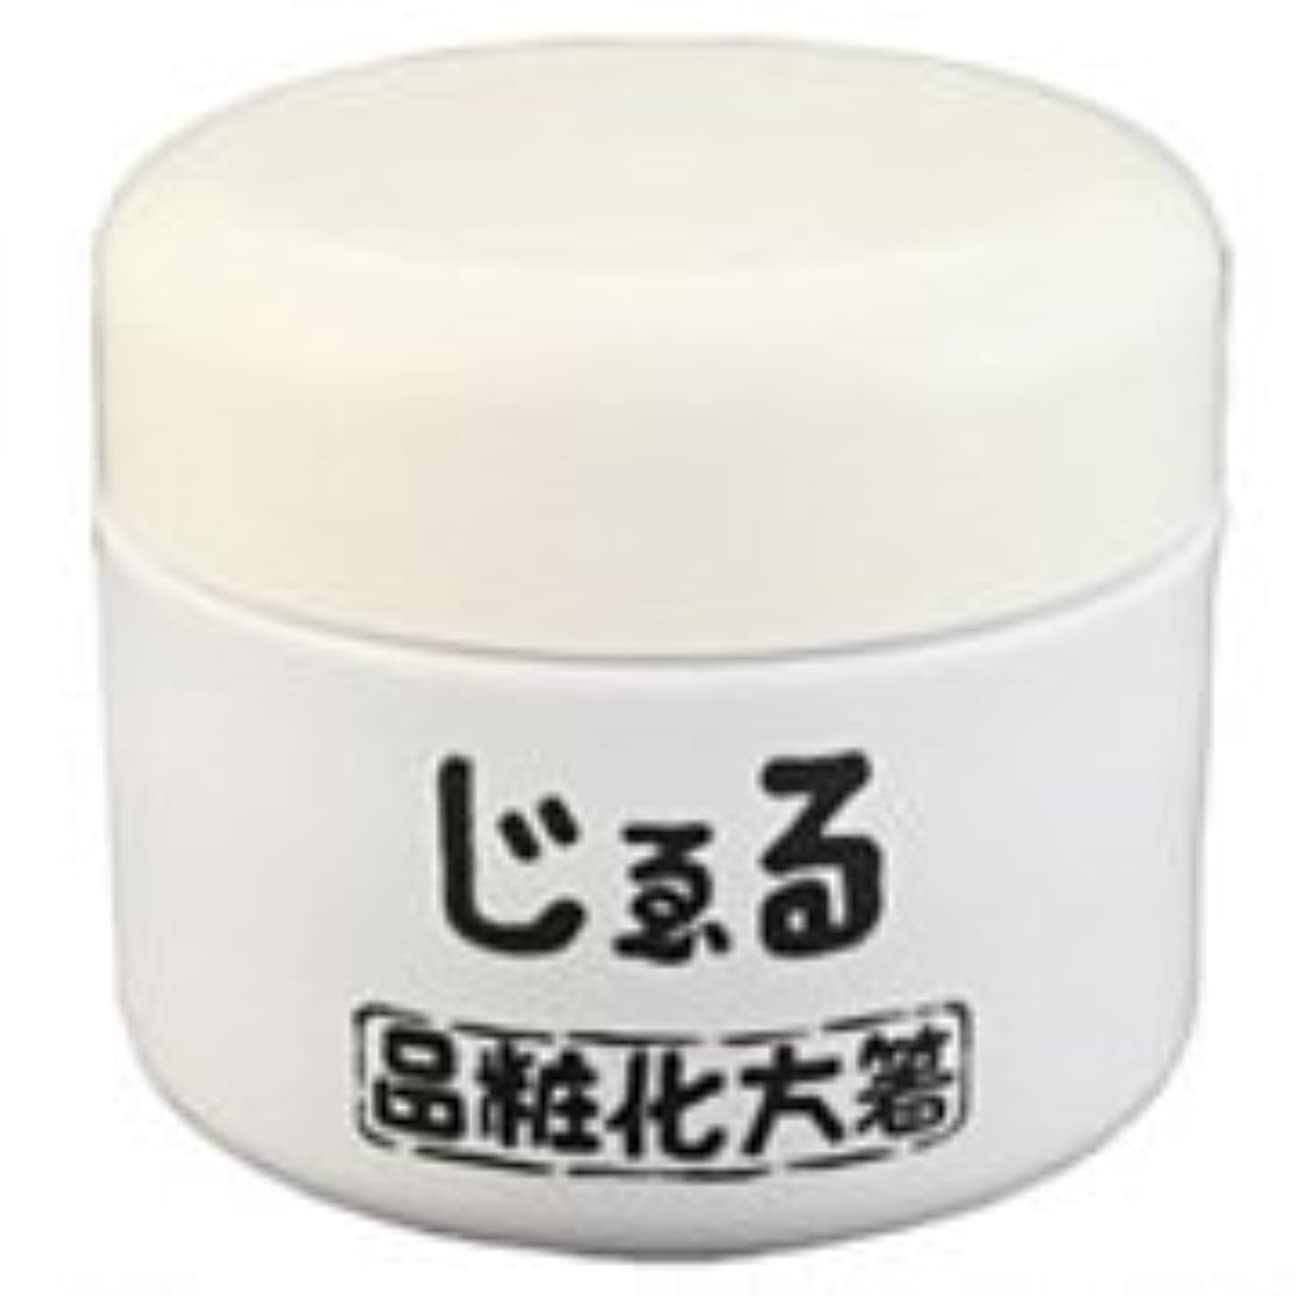 フェッチ常習的マーキー[箸方化粧品] じぇる 38g はしかた化粧品